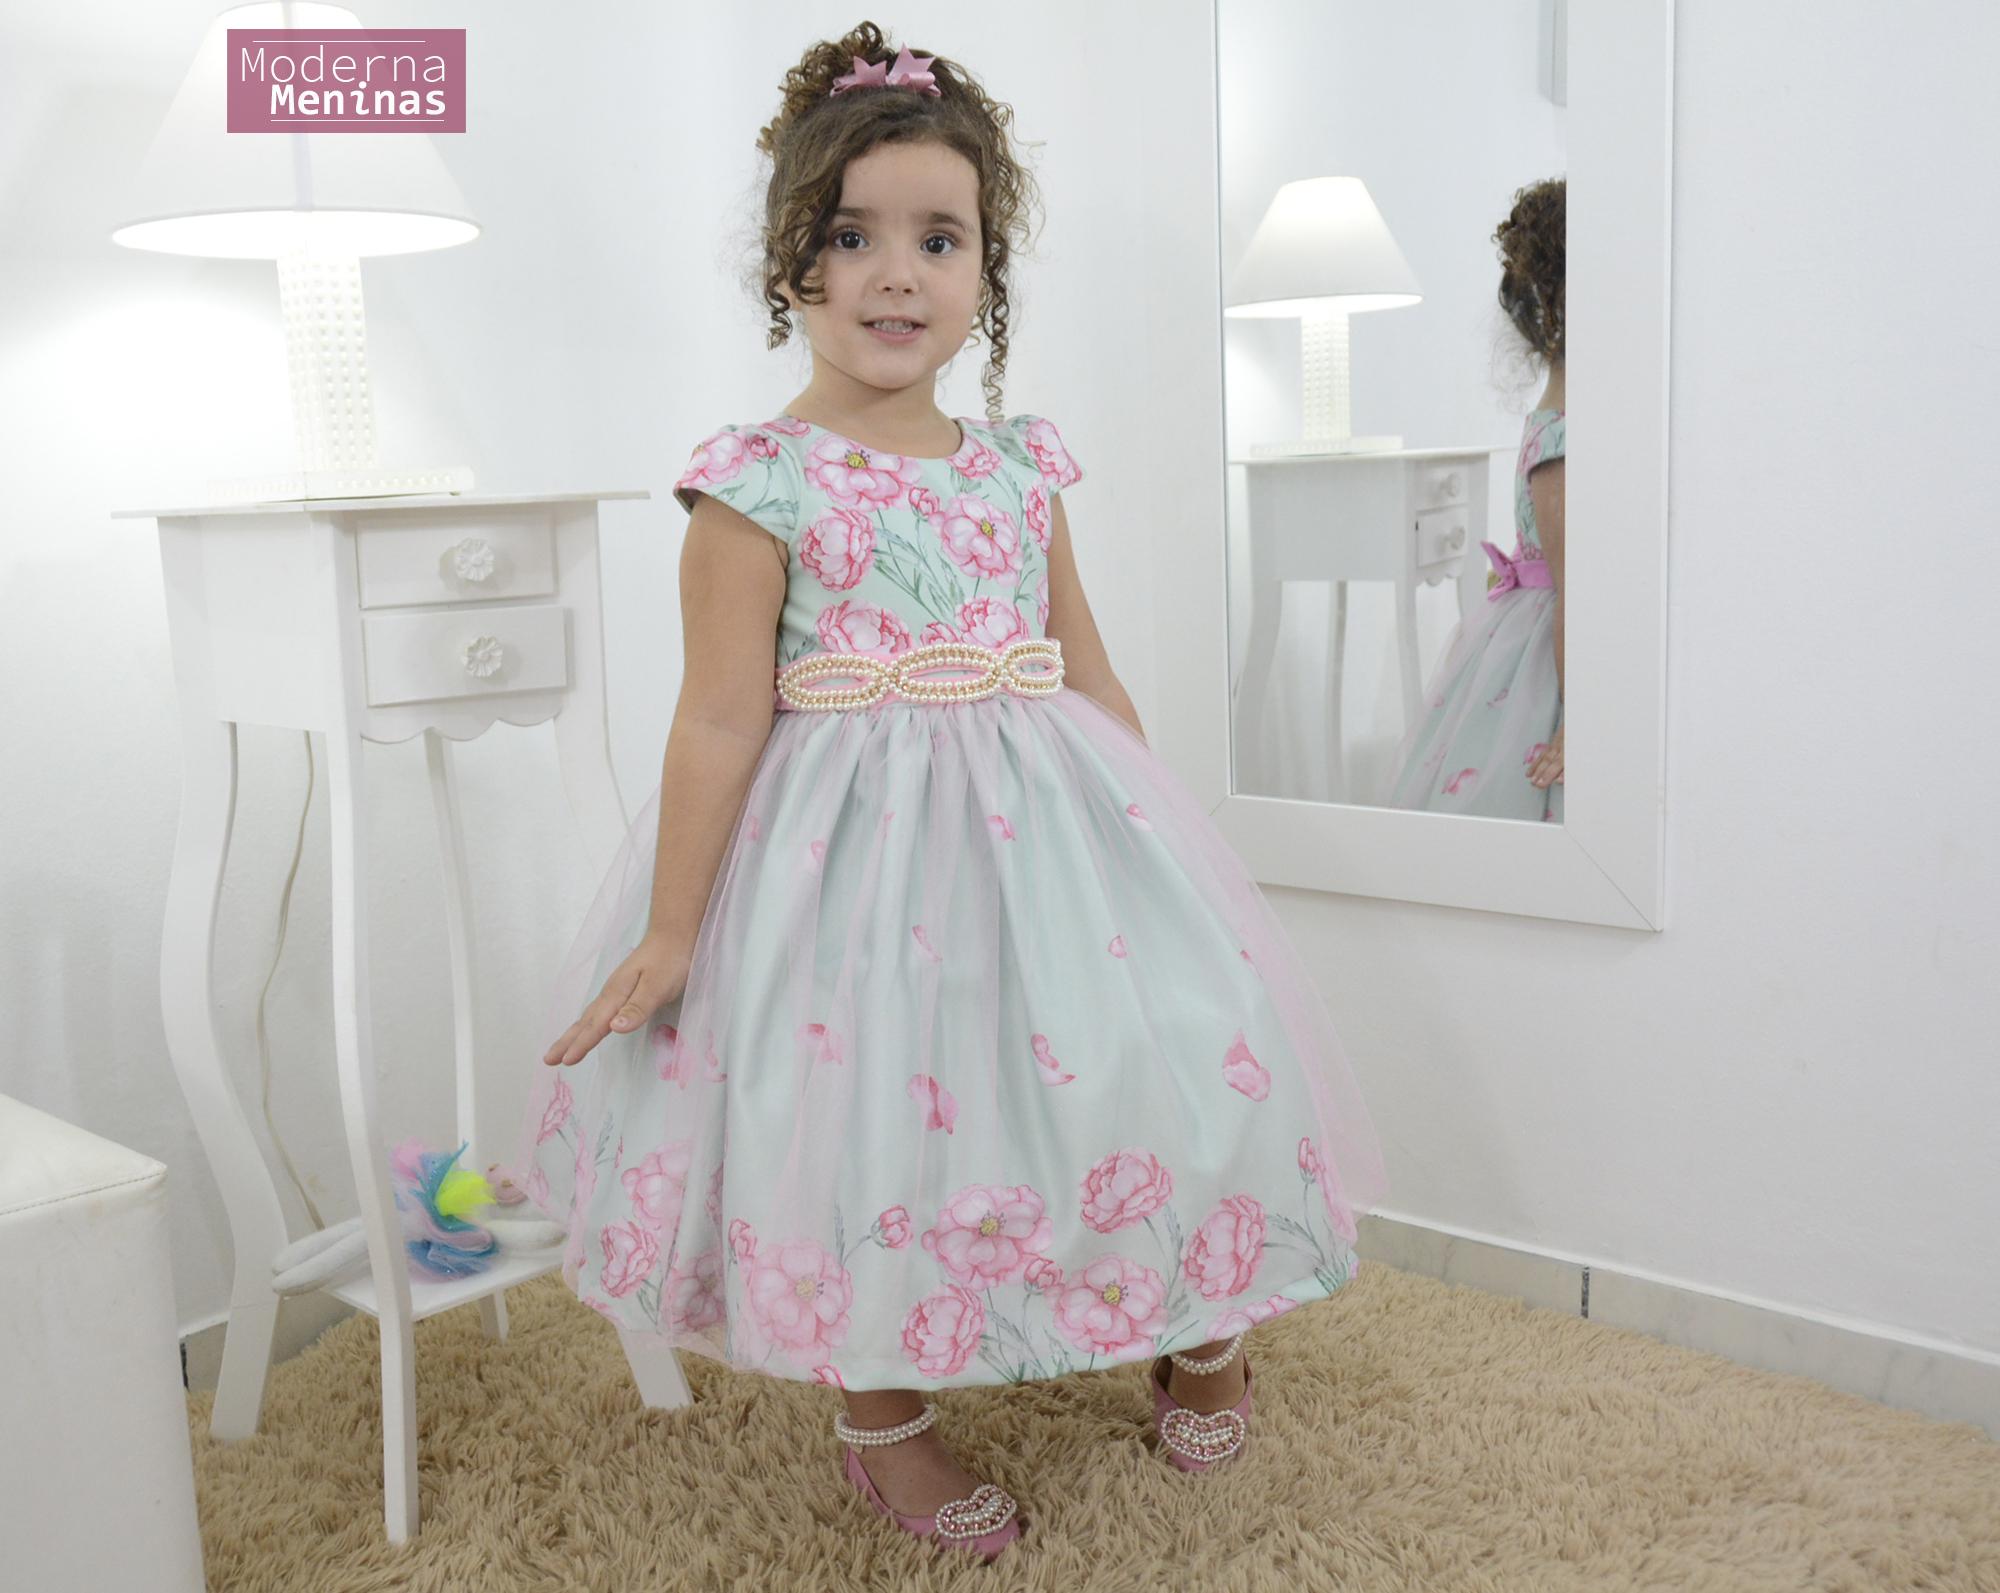 Sonhar com vestido rosa e azul